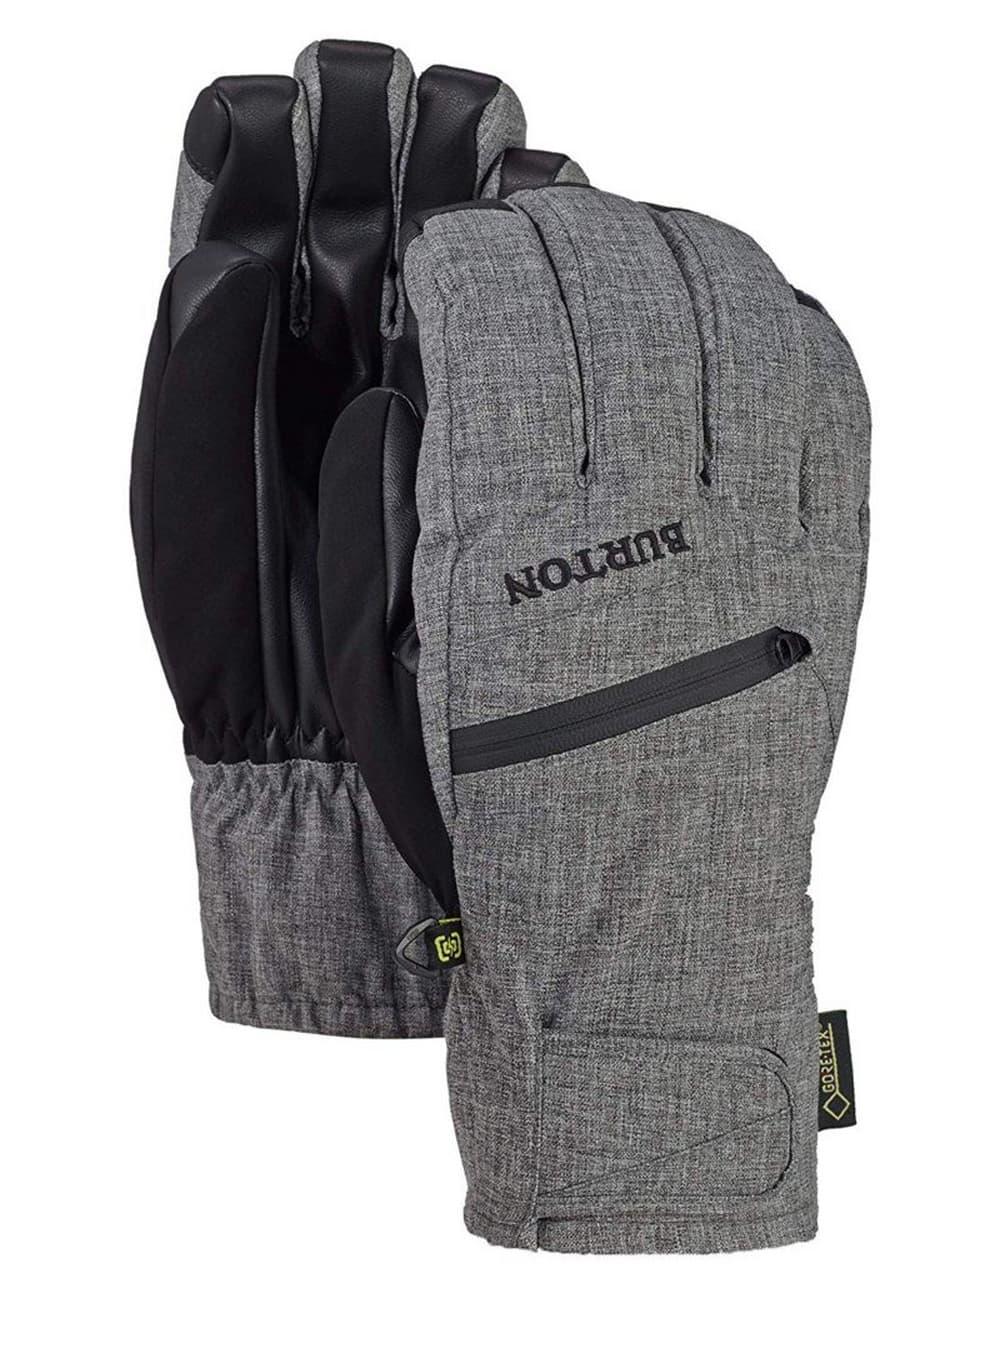 Burton gore-tex ski gloves